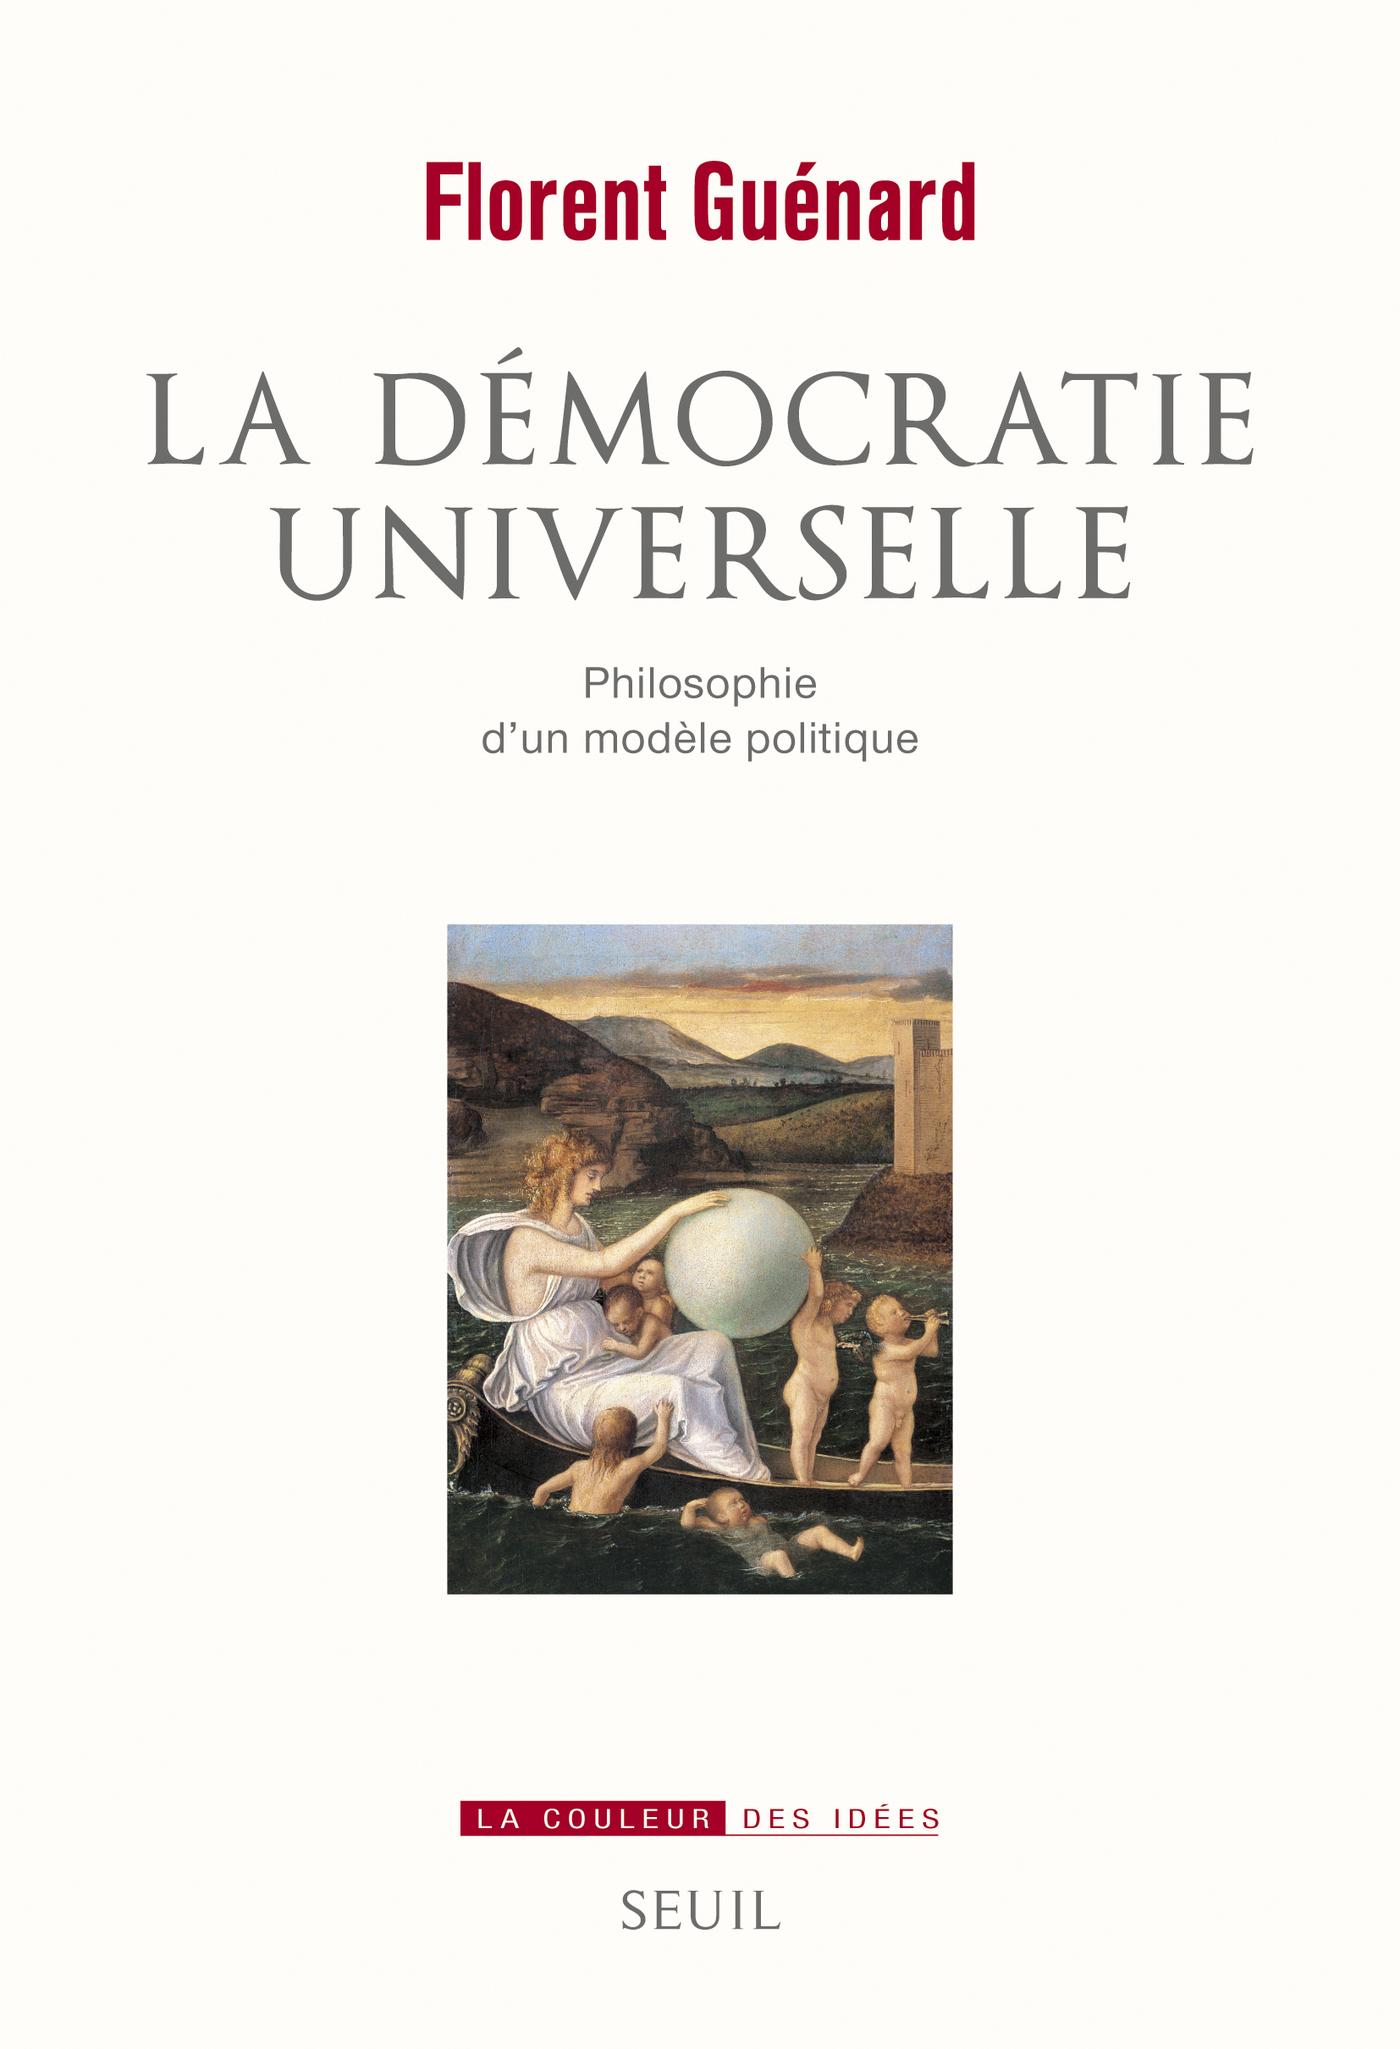 La Démocratie universelle. Philosophie d'un modèle politique